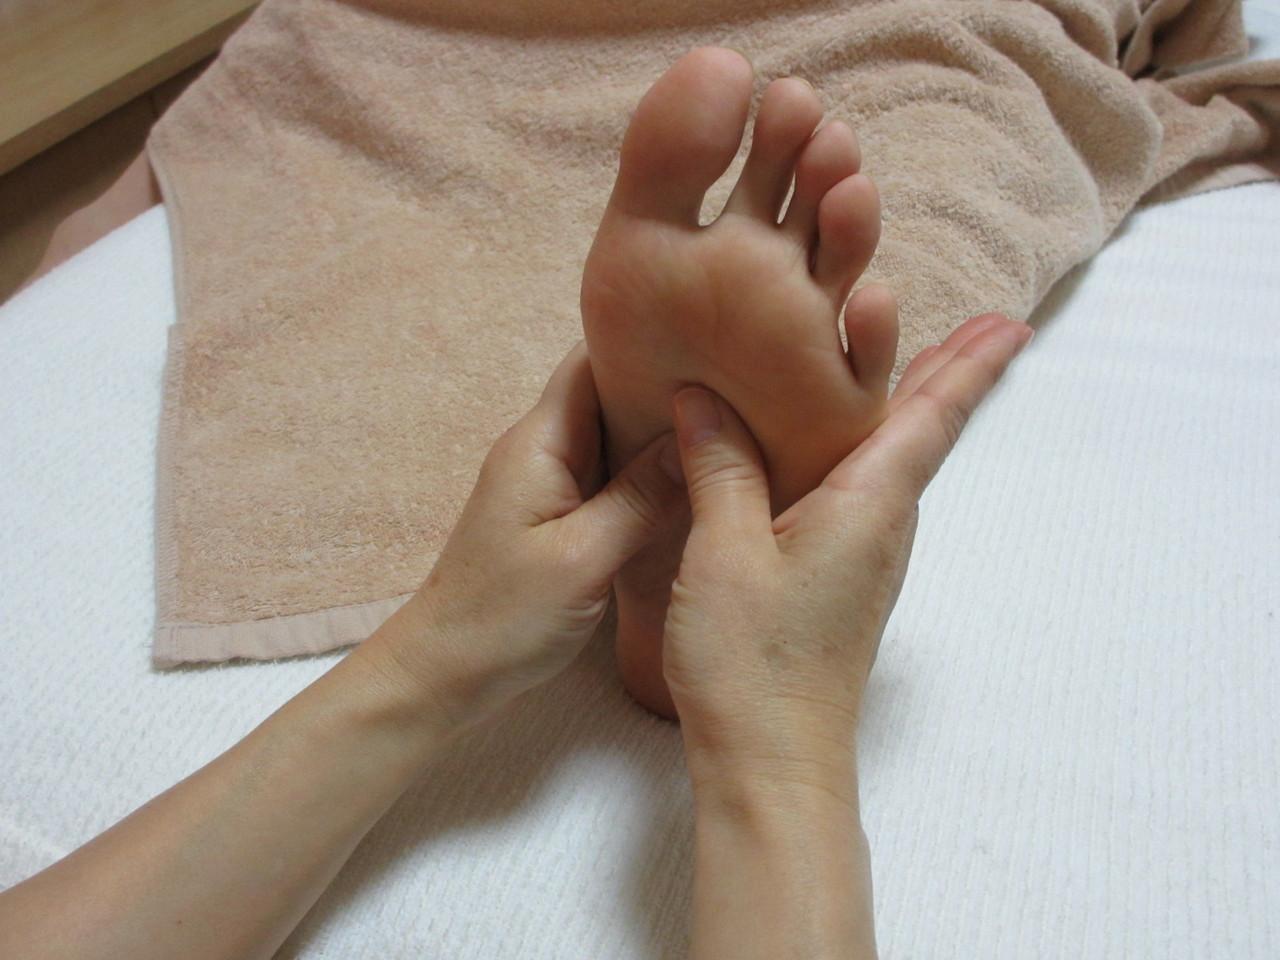 リフレクソロジーです。足裏は老廃物がたまりやすいので、各反射区に効かせます